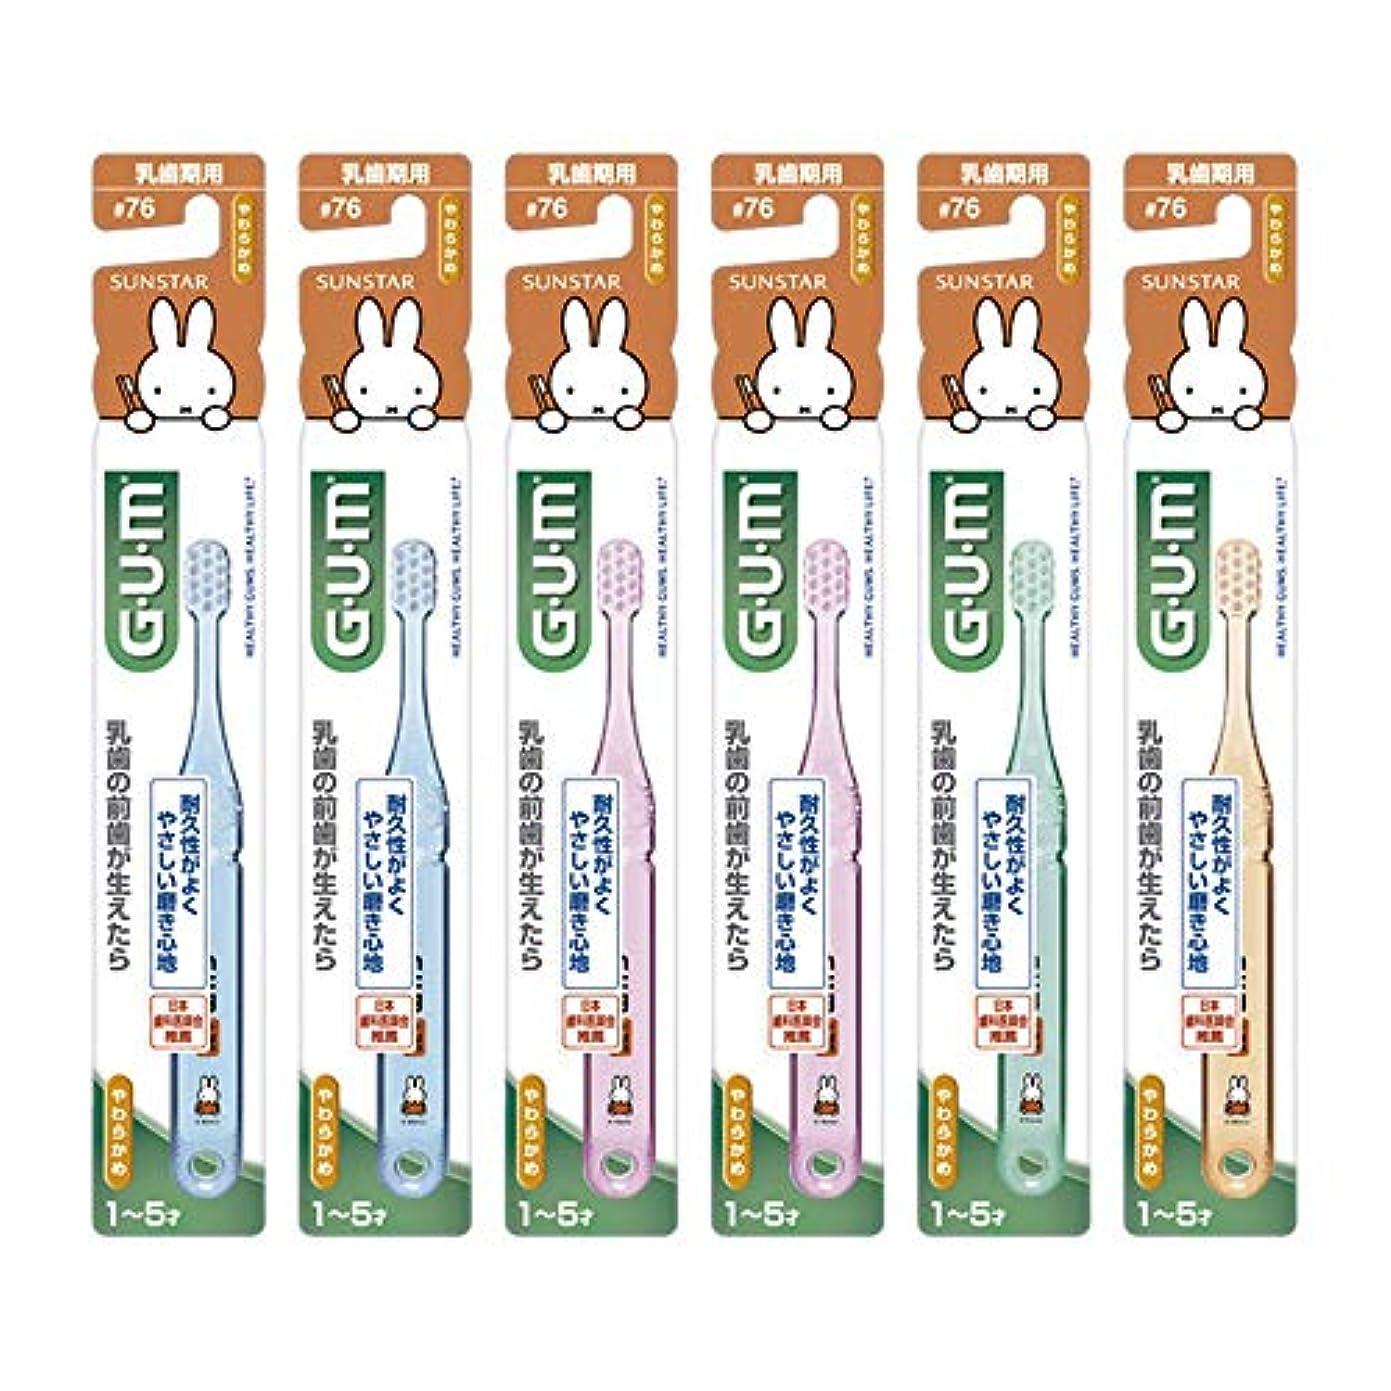 現金変更連合GUM(ガム) デンタル ハブラシ こども #76 [乳歯期用?やわらかめ] 6本パック+ おまけつき